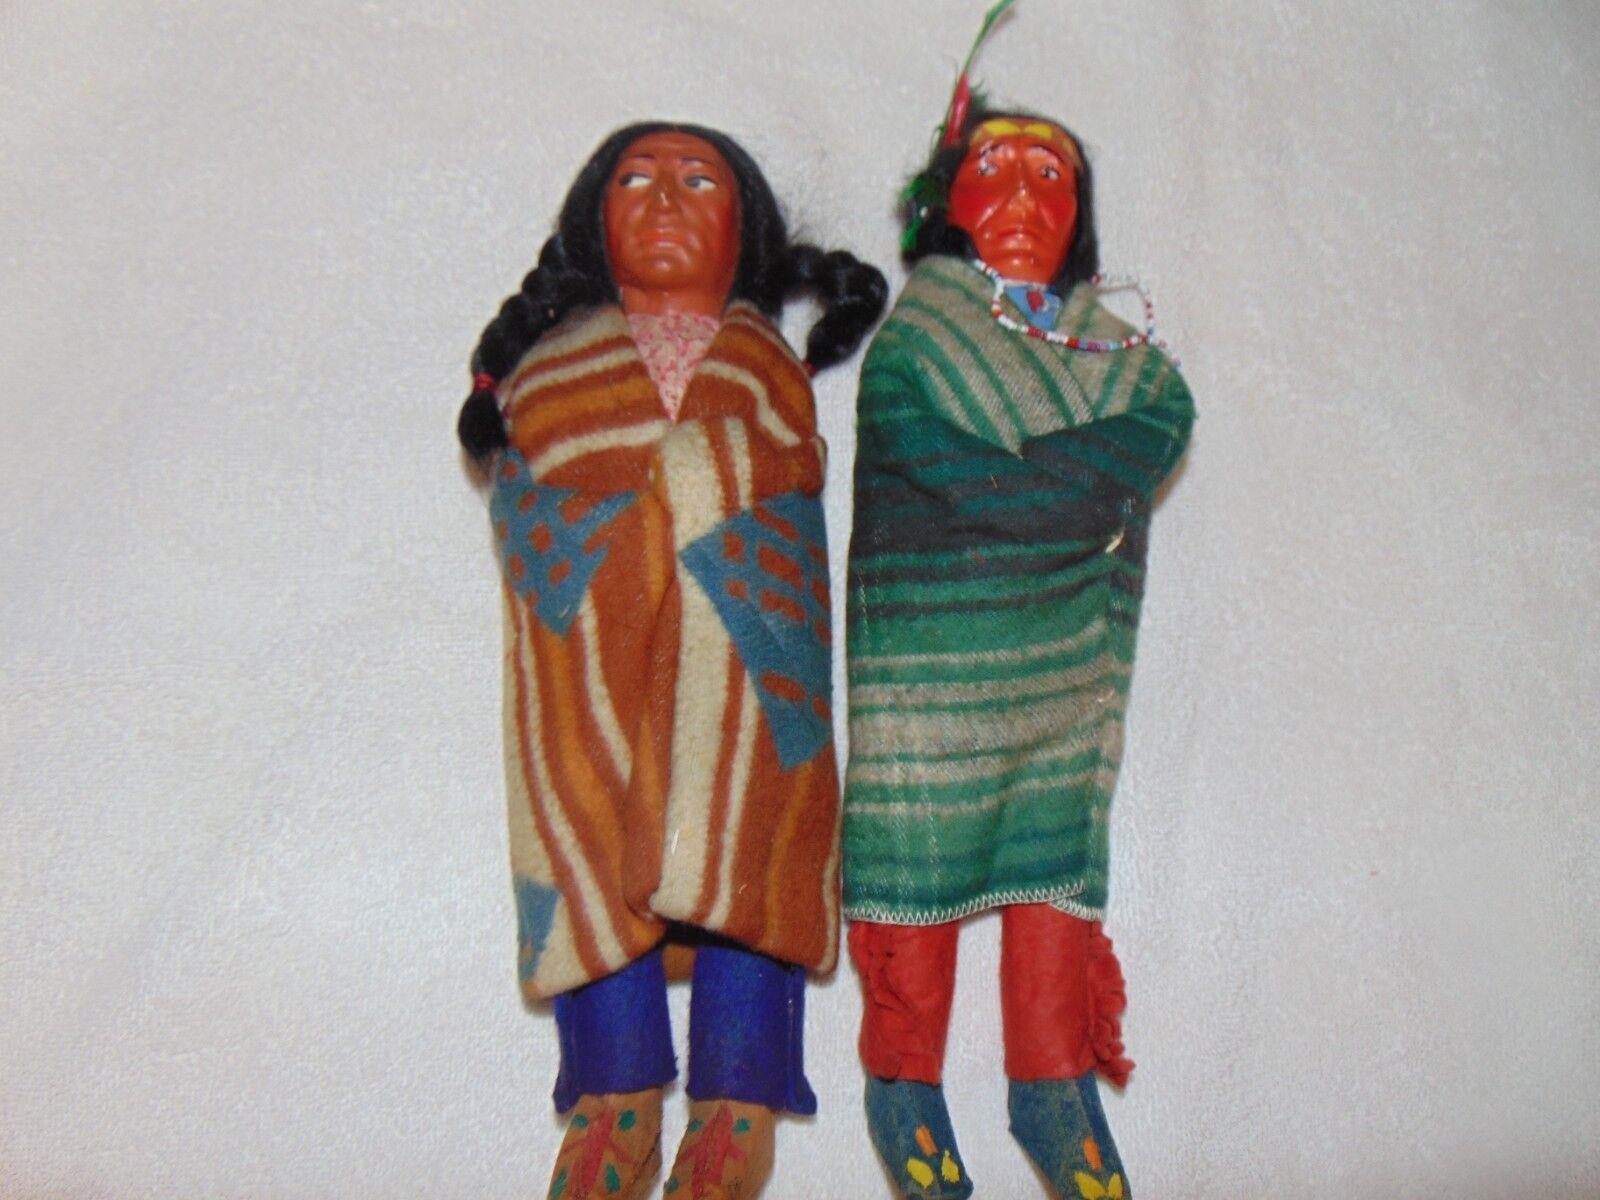 Par De Colección 12  Skookum indio Muñeca Rolling registros etiqueta de papel cuentas Bata De Manta